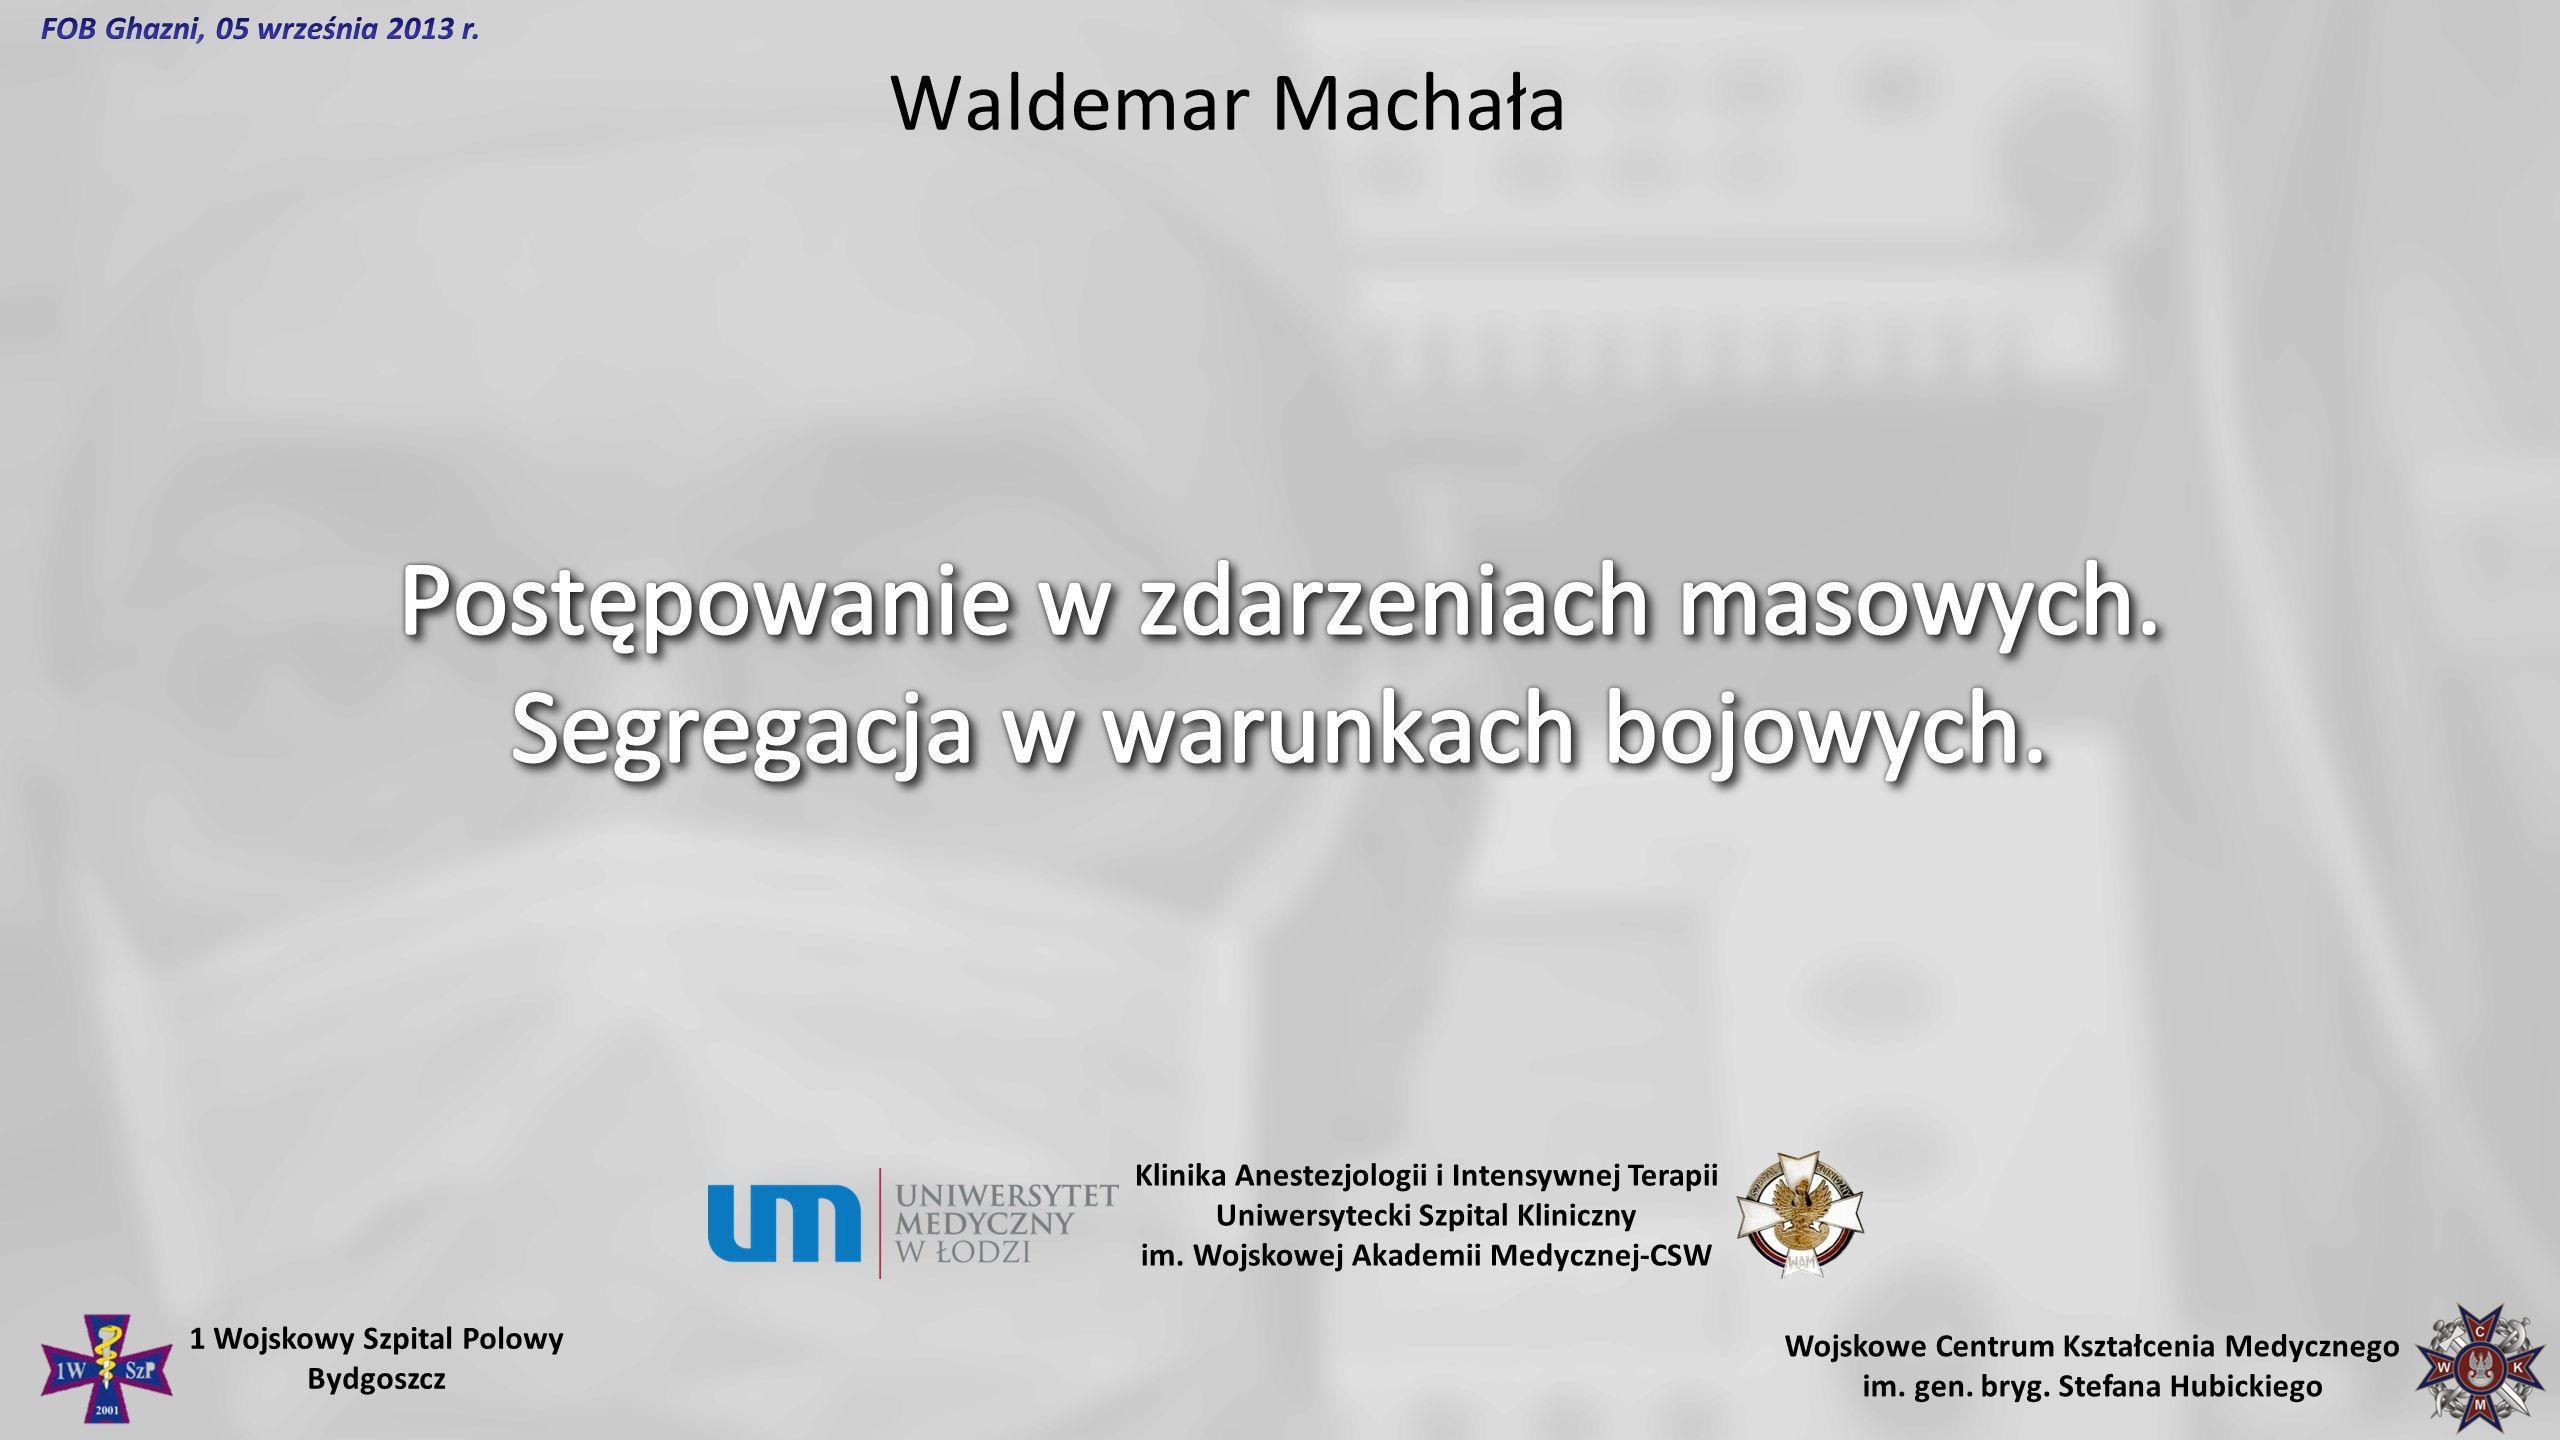 Waldemar Machała Klinika Anestezjologii i Intensywnej Terapii Uniwersytecki Szpital Kliniczny im. Wojskowej Akademii Medycznej-CSW Wojskowe Centrum Ks